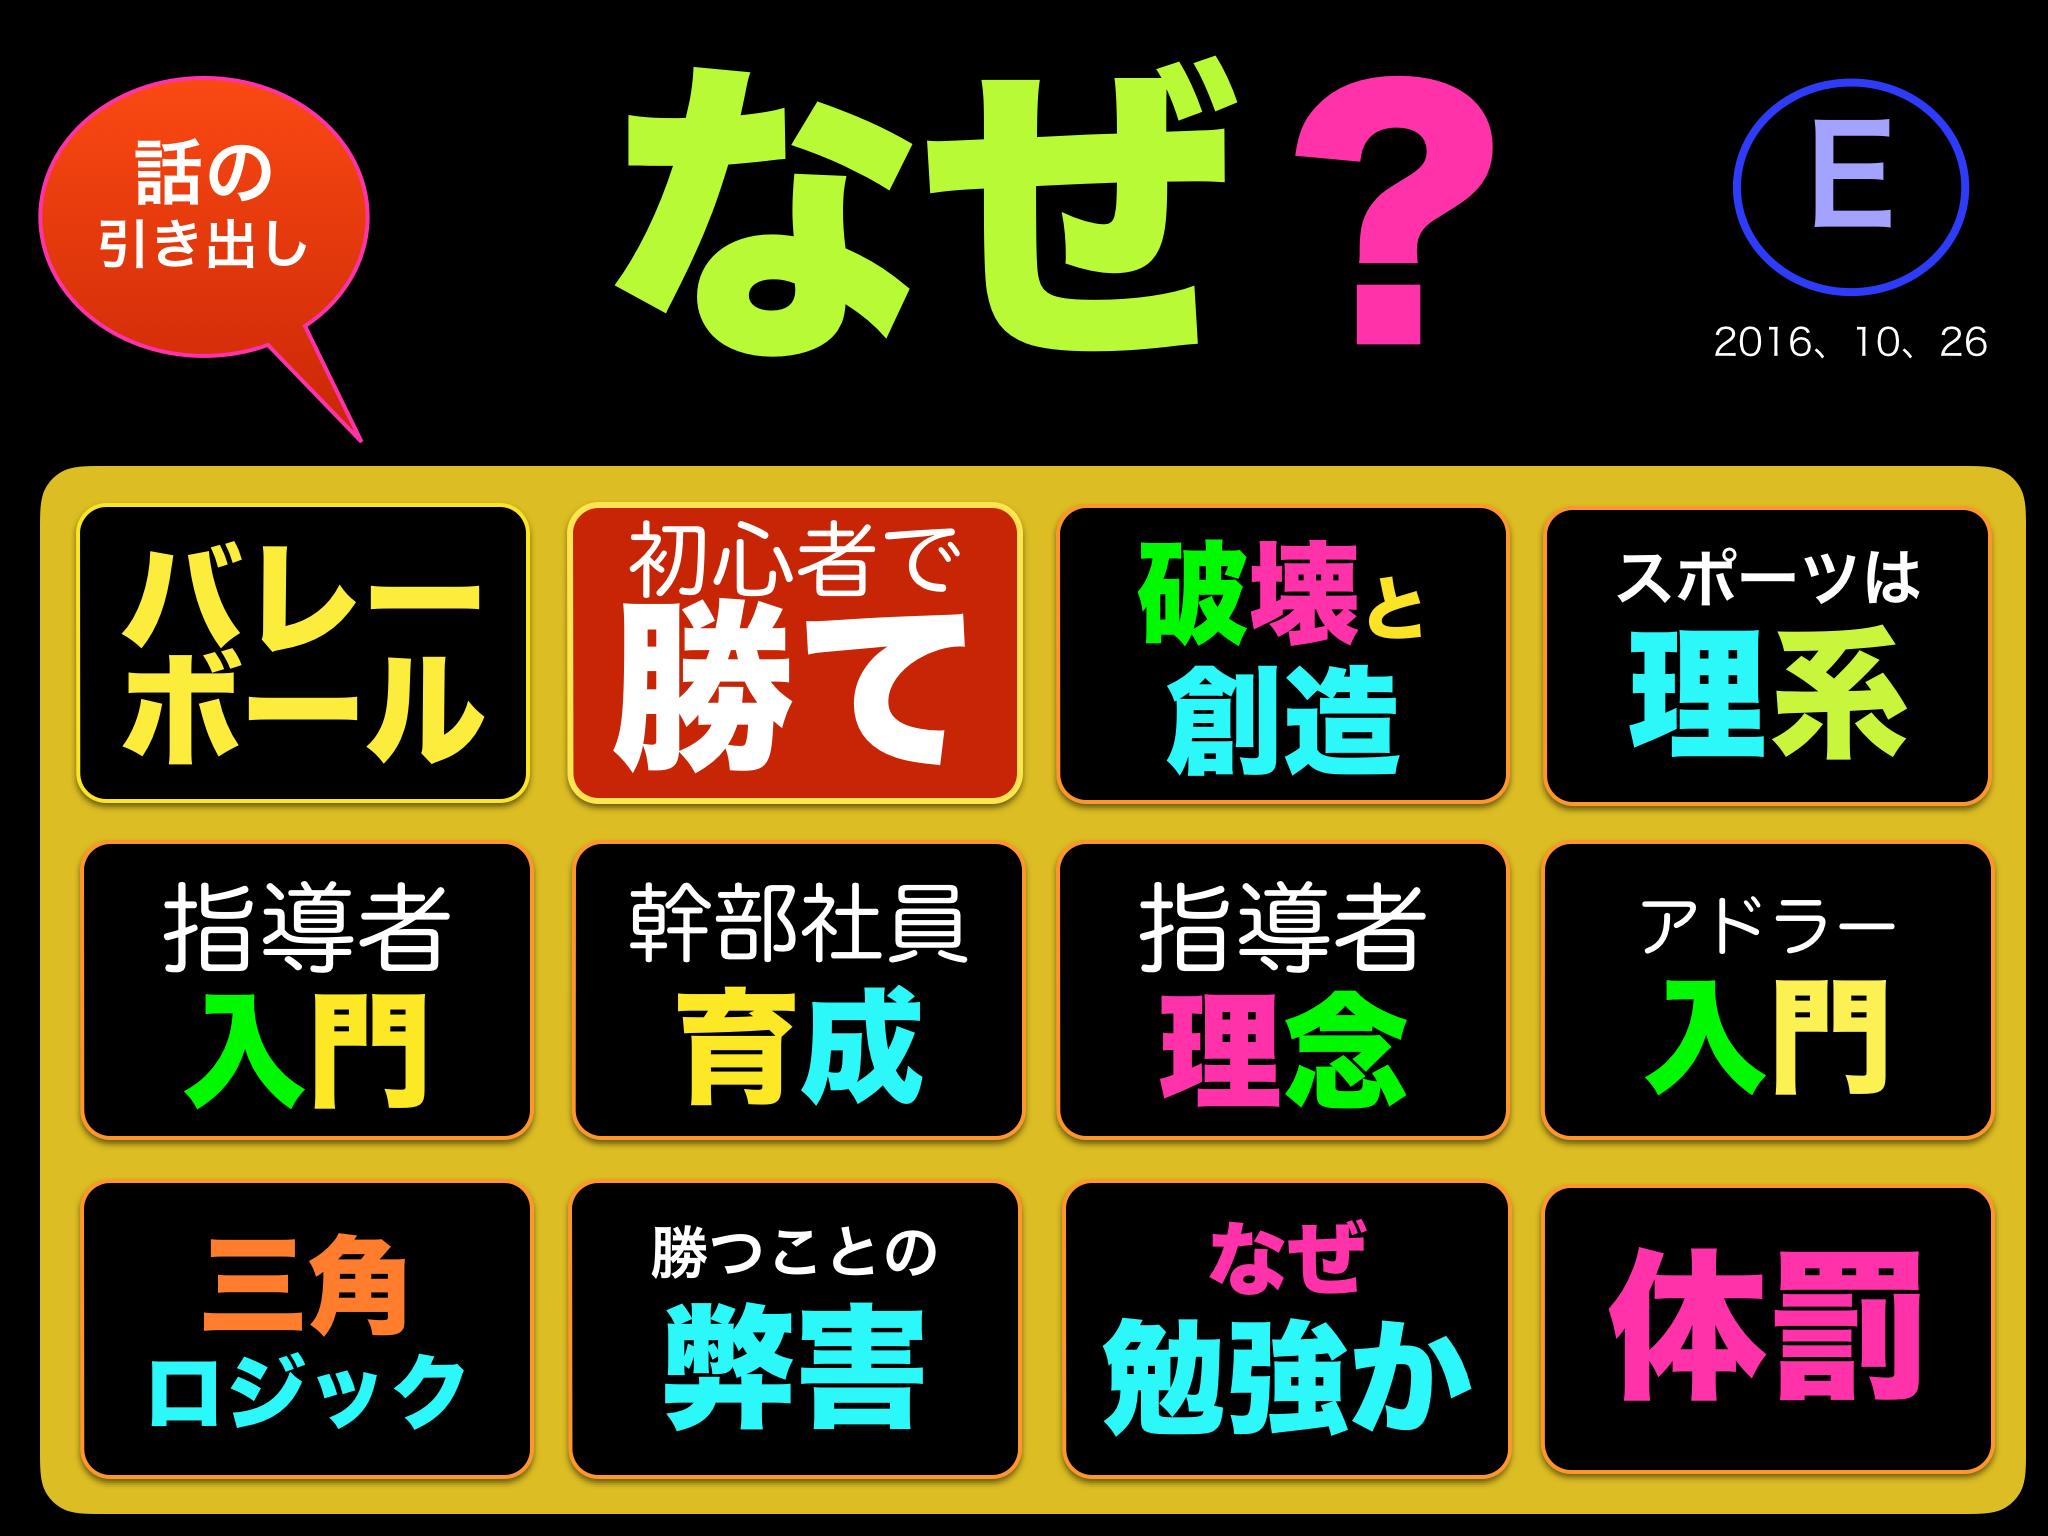 第2664話・・・バレー塾 in打出_c0000970_00043749.png